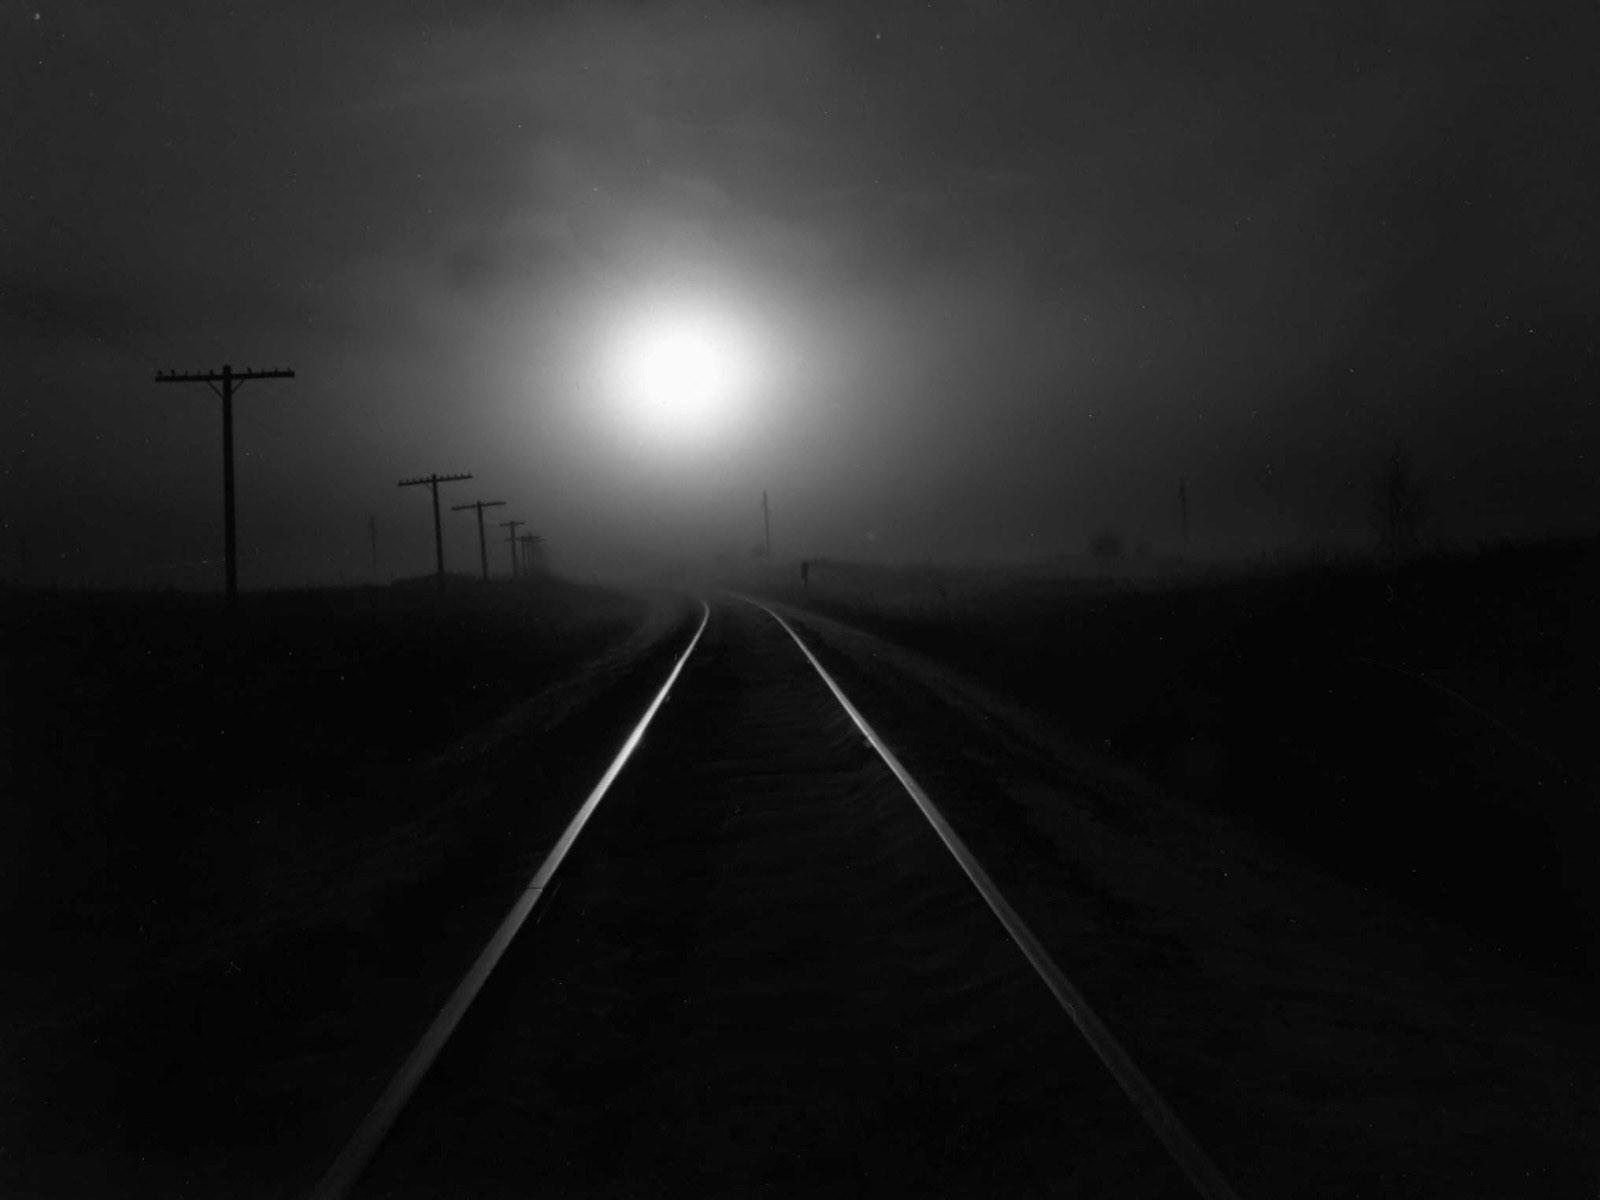 Темная дорога, солнце за туманом